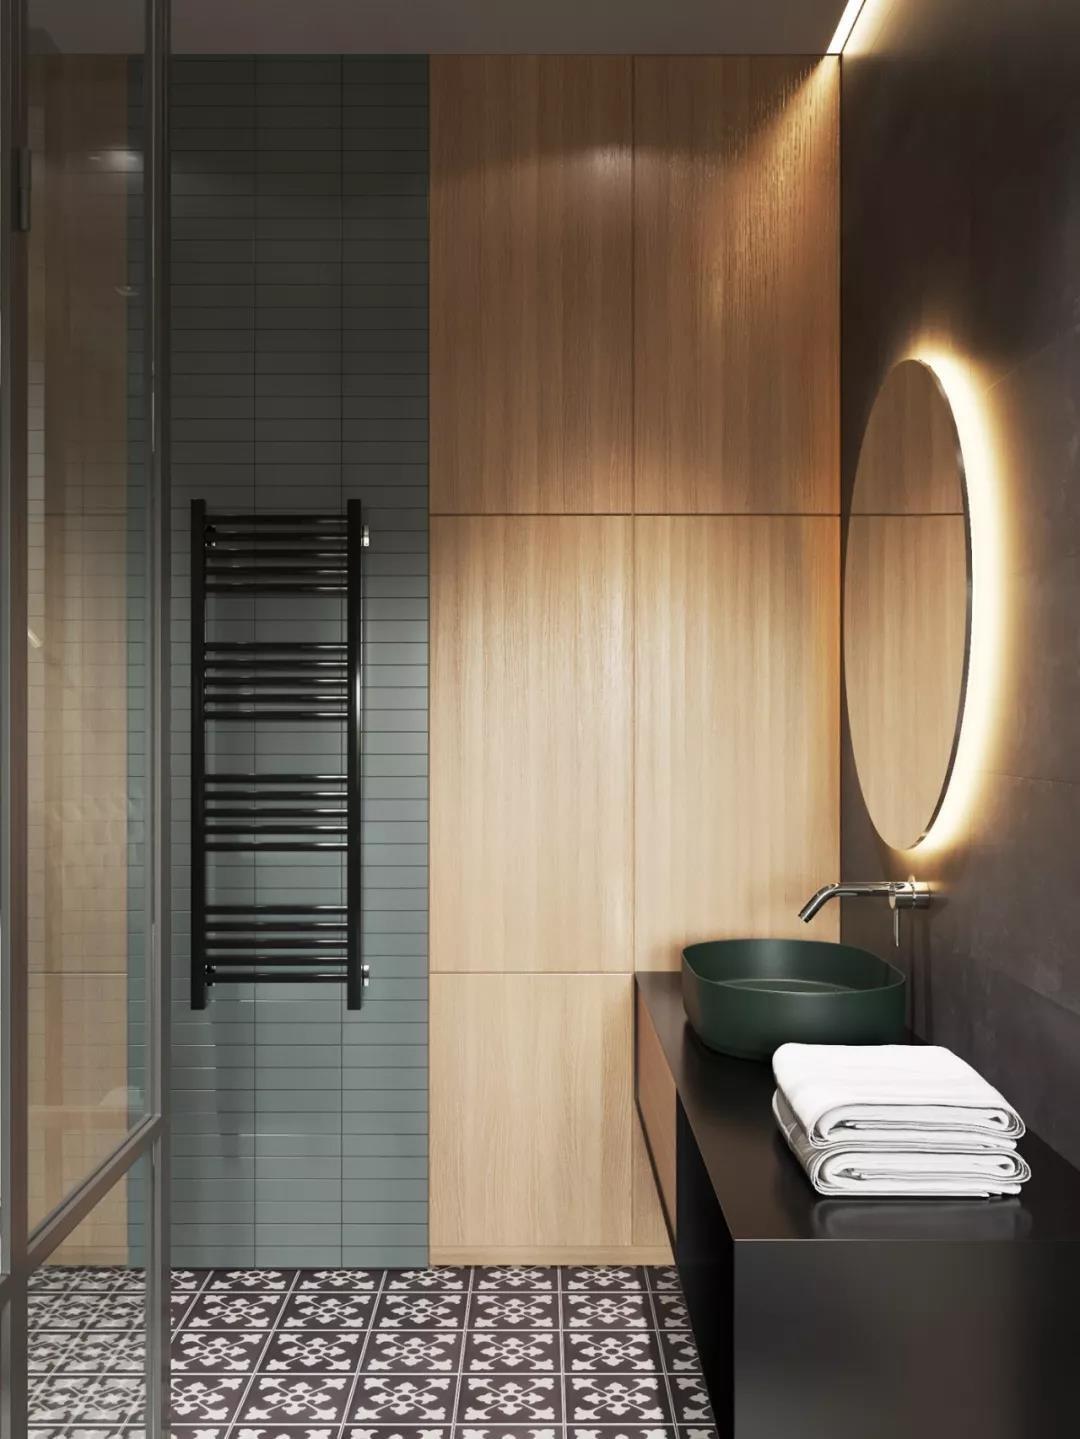 2021新古典卫生间装修图片 2021新古典洗漱台装饰设计